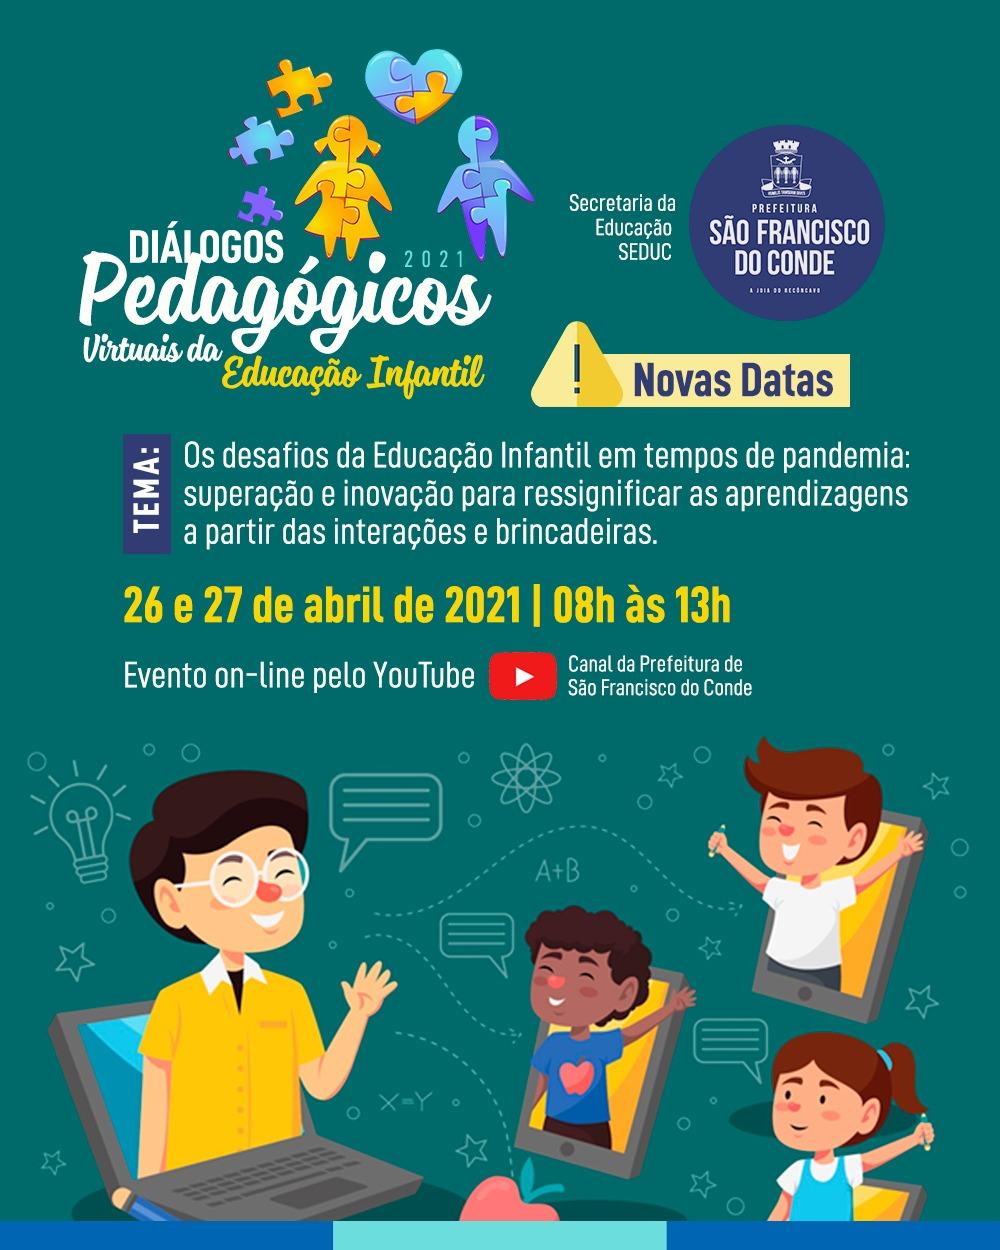 Evento Diálogos Pedagógicos Virtuais da Educação Infantil 2021 acontece on-line dias 26 e 27 de abril